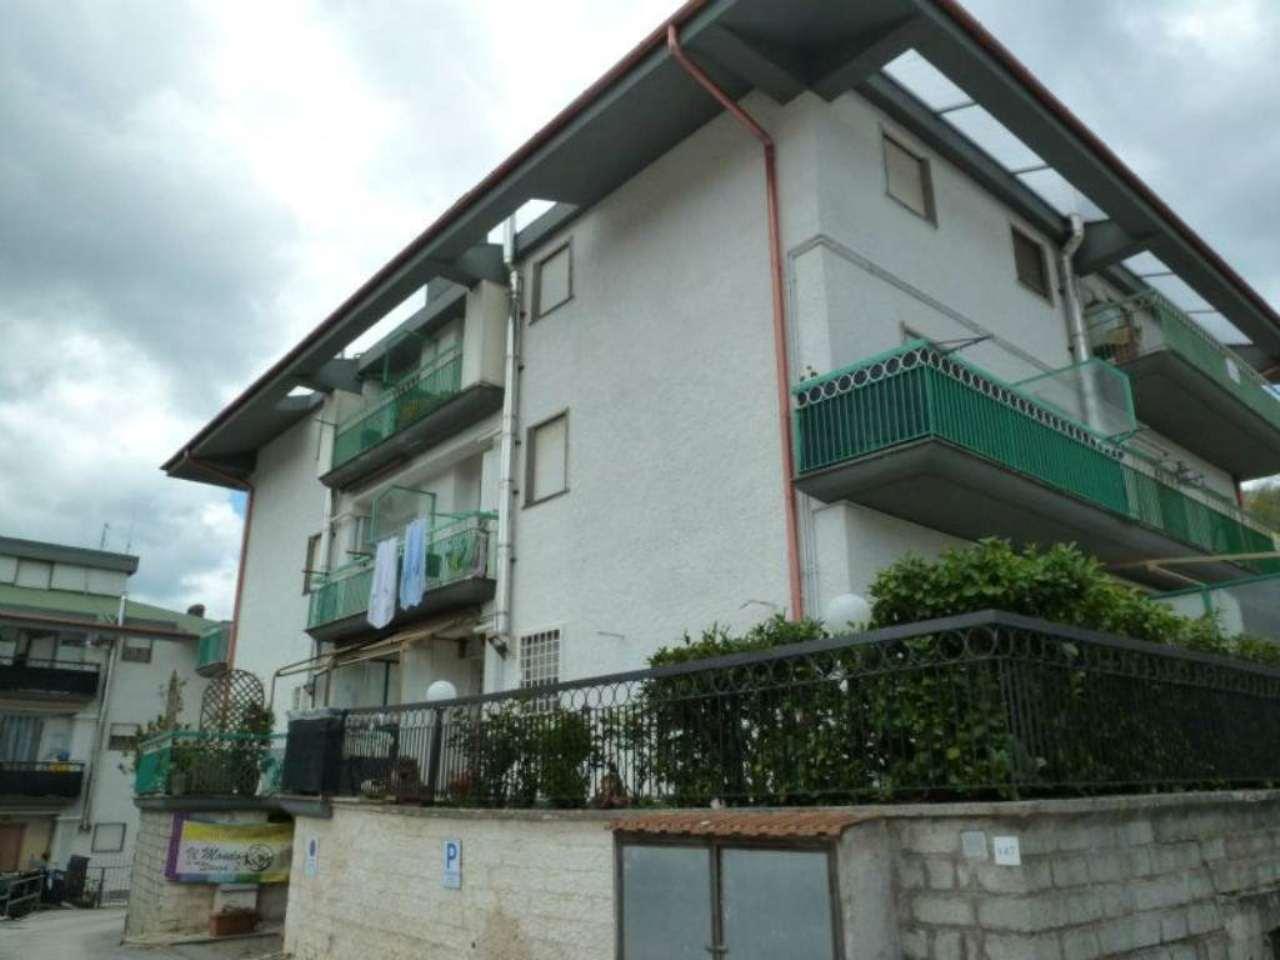 Appartamento in vendita a Carsoli, 3 locali, prezzo € 52.000 | Cambio Casa.it